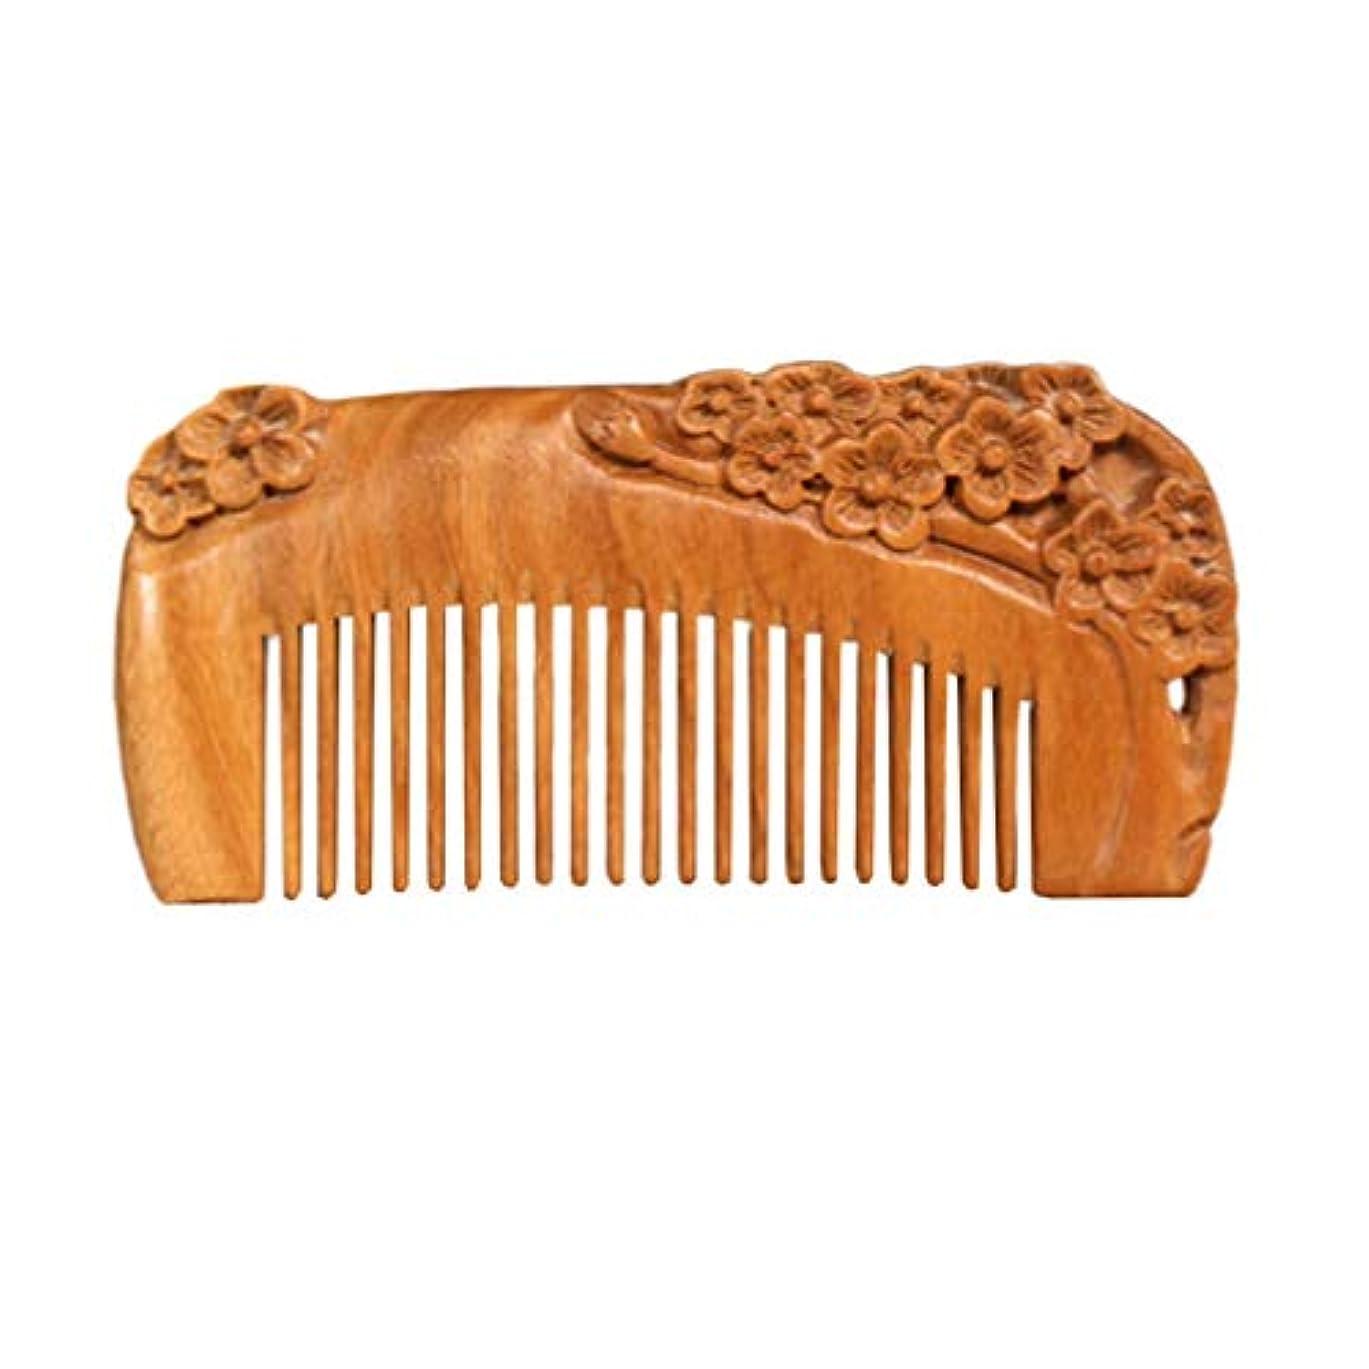 言い聞かせる農場キュービックSUPVOX 髪櫛木材細かい歯櫛でハンドル白檀抗静的非もつれポータブル櫛用女性男性子供旅行